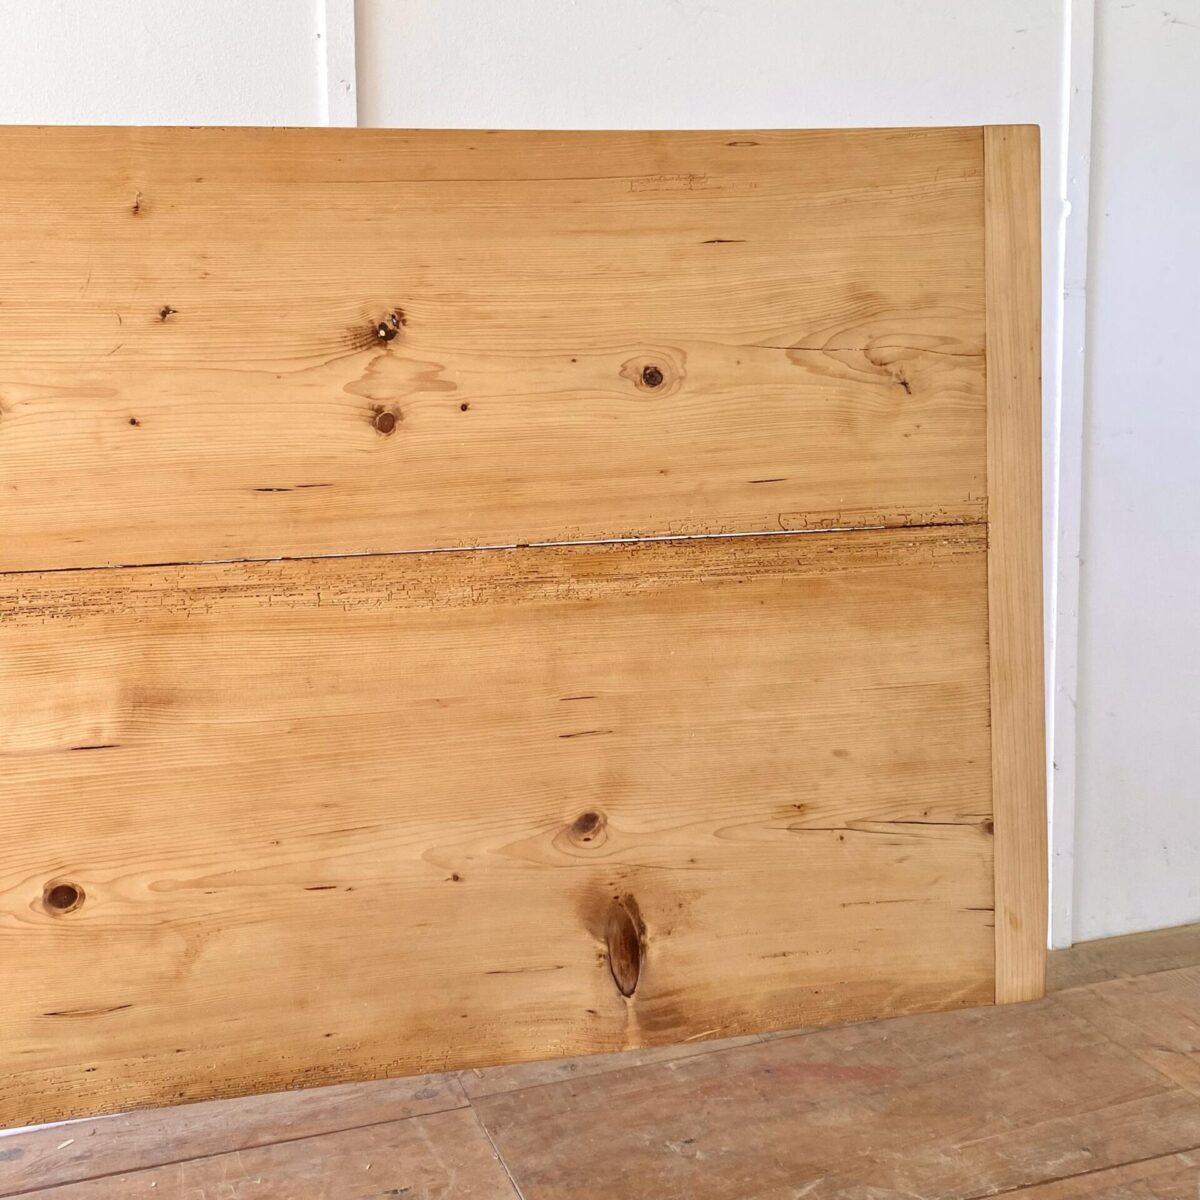 Deuxieme.shop designklassiker alter Holztisch. Grosser, leicht wirkender, Tannenholz Biedermeiertisch. 242x88cm Höhe 76cm. Dieser Zargentisch ist frisch aufbereitet, filigrane Leichtfüssige Beine und angenehme Beinfreiheit. An dem Esstisch finden 10 Personen Platz. Der Holzwurm war mal etwas fleissig, ist jedoch alles in stabilem Zustand. Das Tischblatt ist mittels Holzzapfen schwimmend aufgelegt.